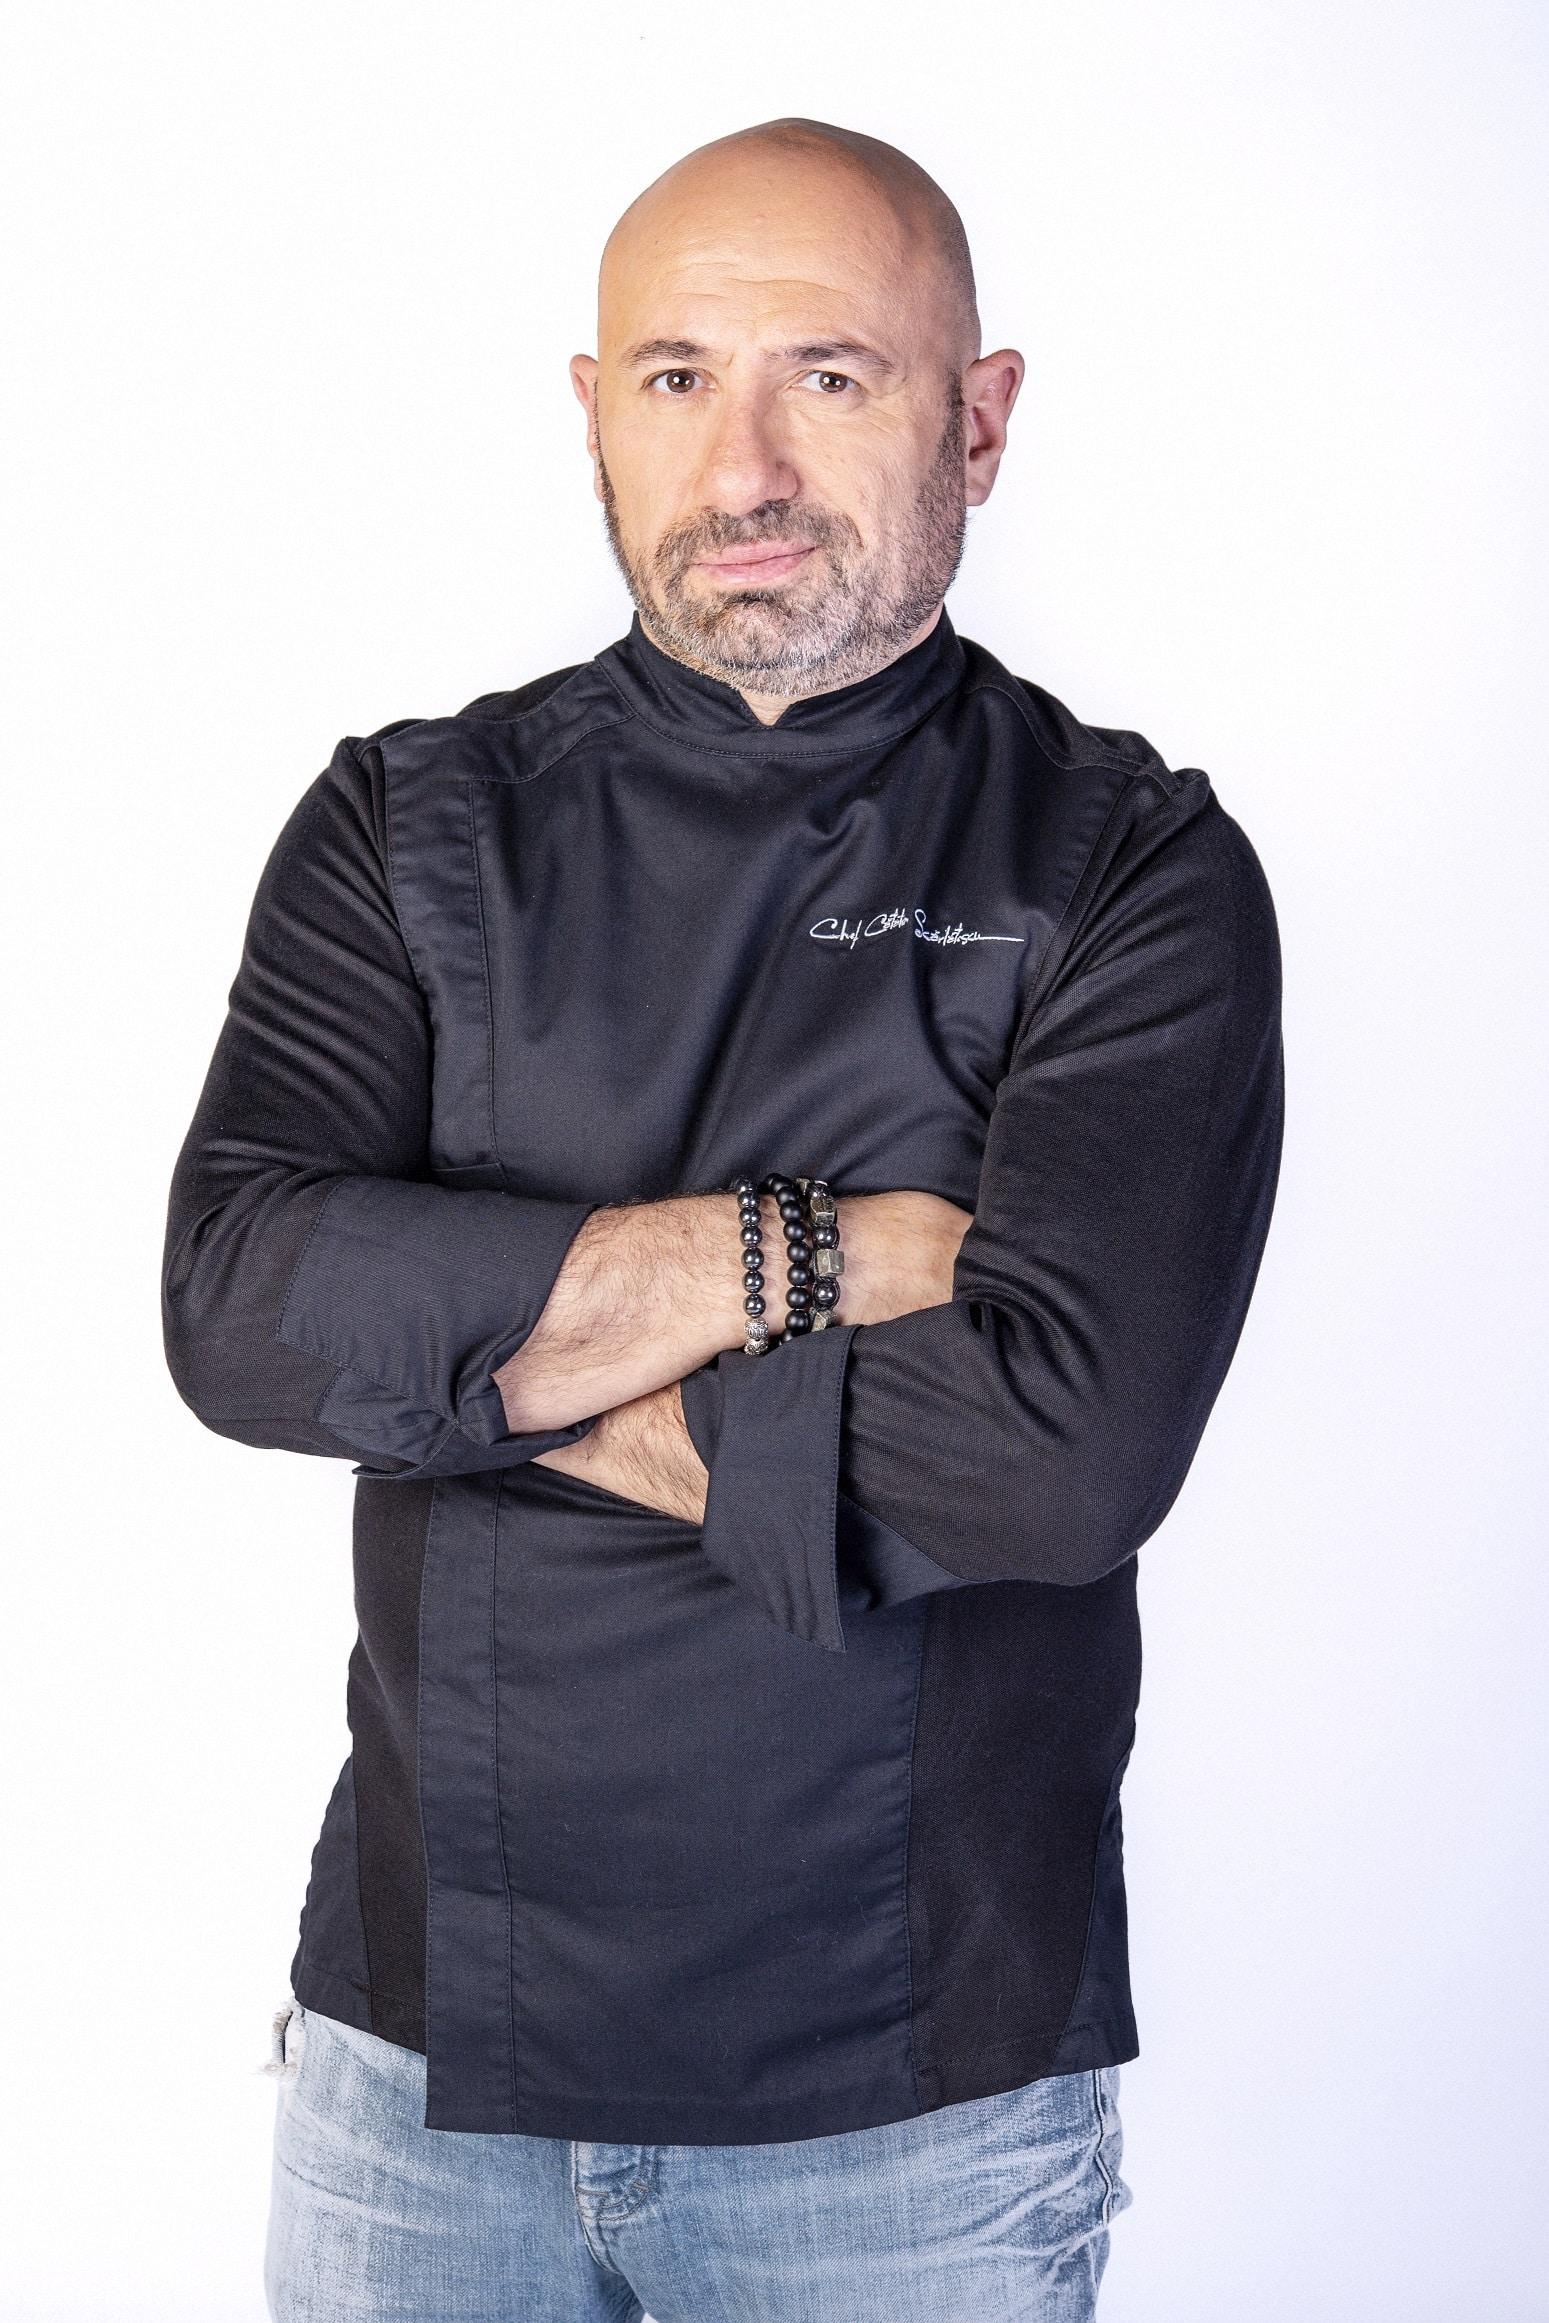 Cătălin Scărlătescu și începutul său. Cheful de astăzi curăța cartofi cu tonele